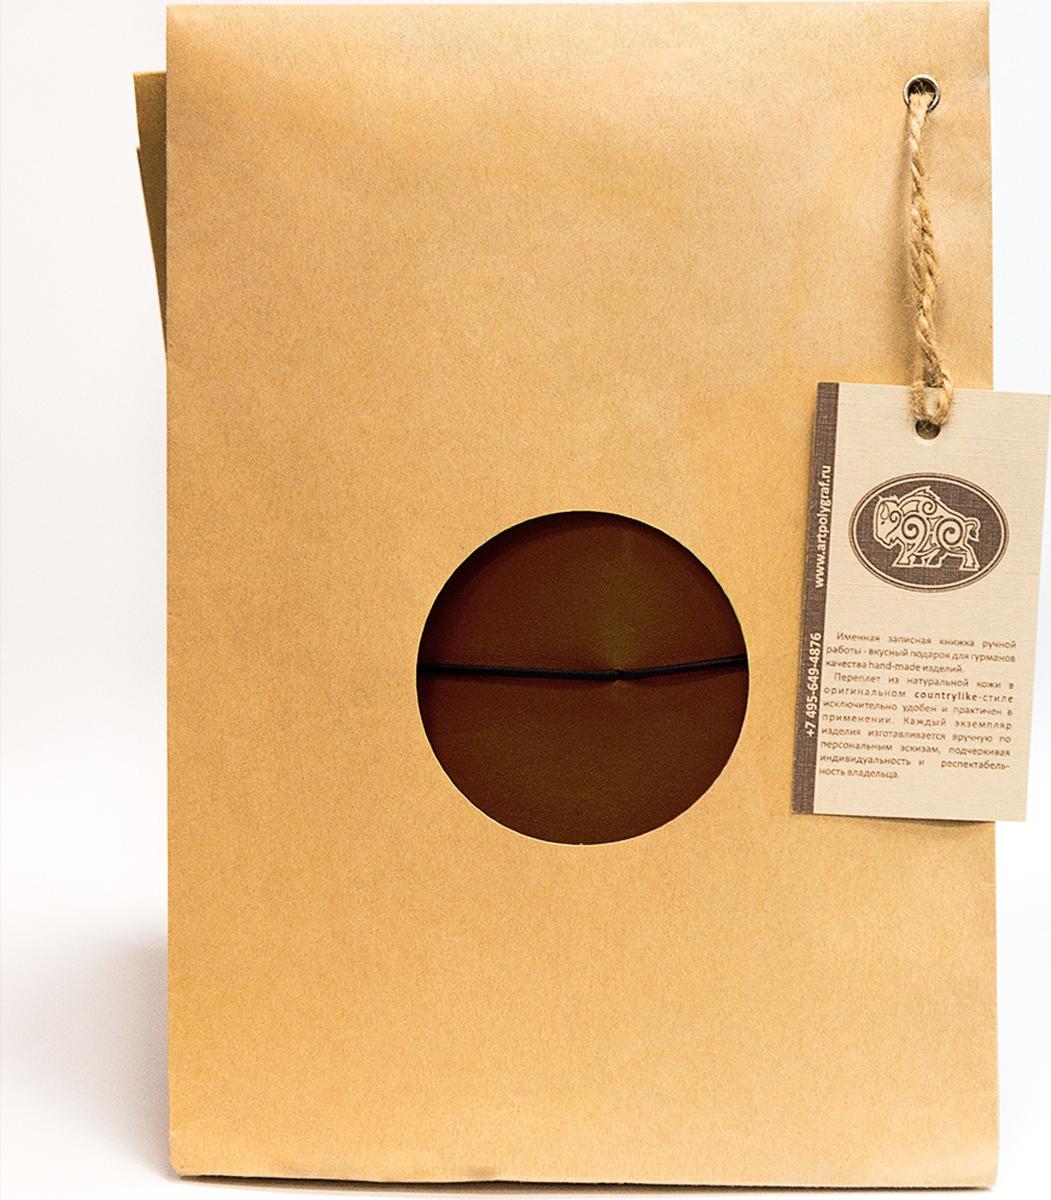 Ежедневник идейник Тревелбук - статусная именная записная книжка (HANDMADE Обложка из натуральной кожи в стиле countrylike) Легко заменяемый блок для записей. Упакован в КРАФТОВЫЙ пакет с приложенным паспортом изготовителя . Идеален для использования в повседневной жизни , в поездках и для подарка.